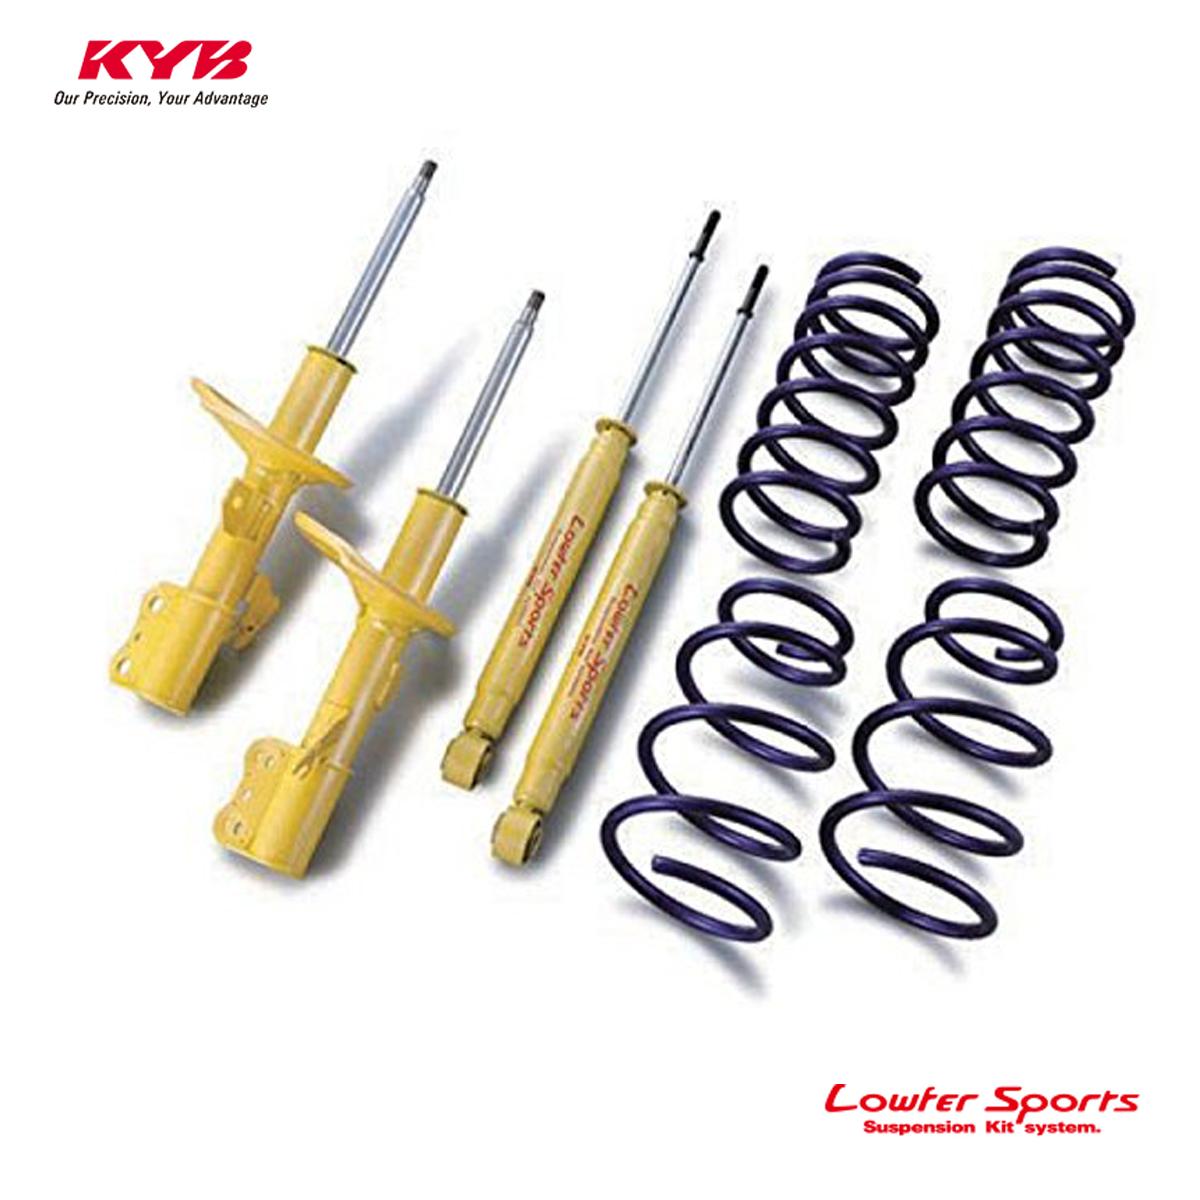 KYB カヤバ エルグランド TE5 ショックアブソーバー サスペンションキット Lowfer Sports LKIT-TE52MC 配送先条件有り